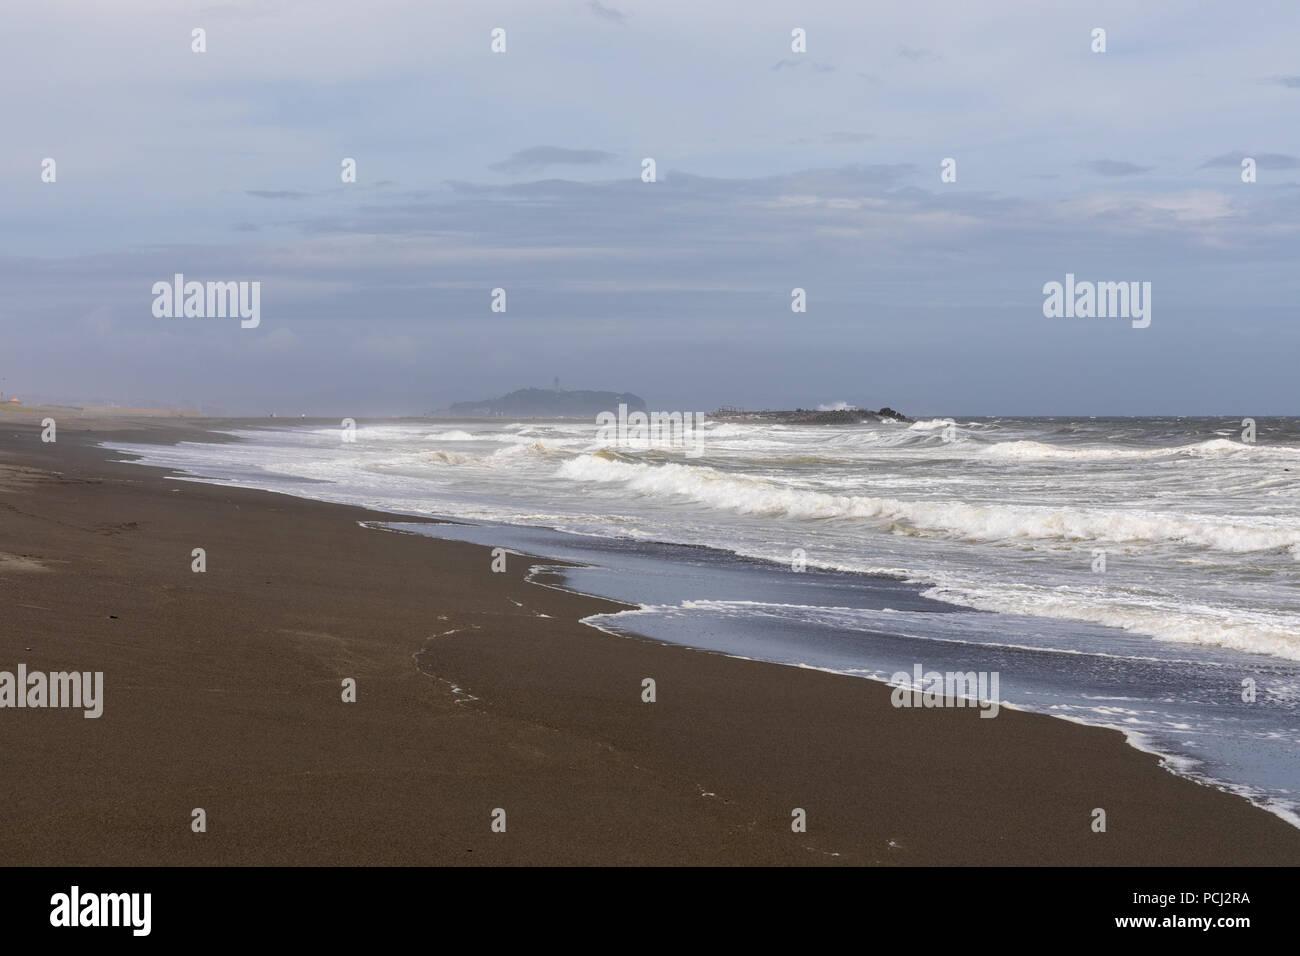 Chigasaki beach, Enoshima; Chigasaki, Kanagawa Prefecture, Japan - Stock Image